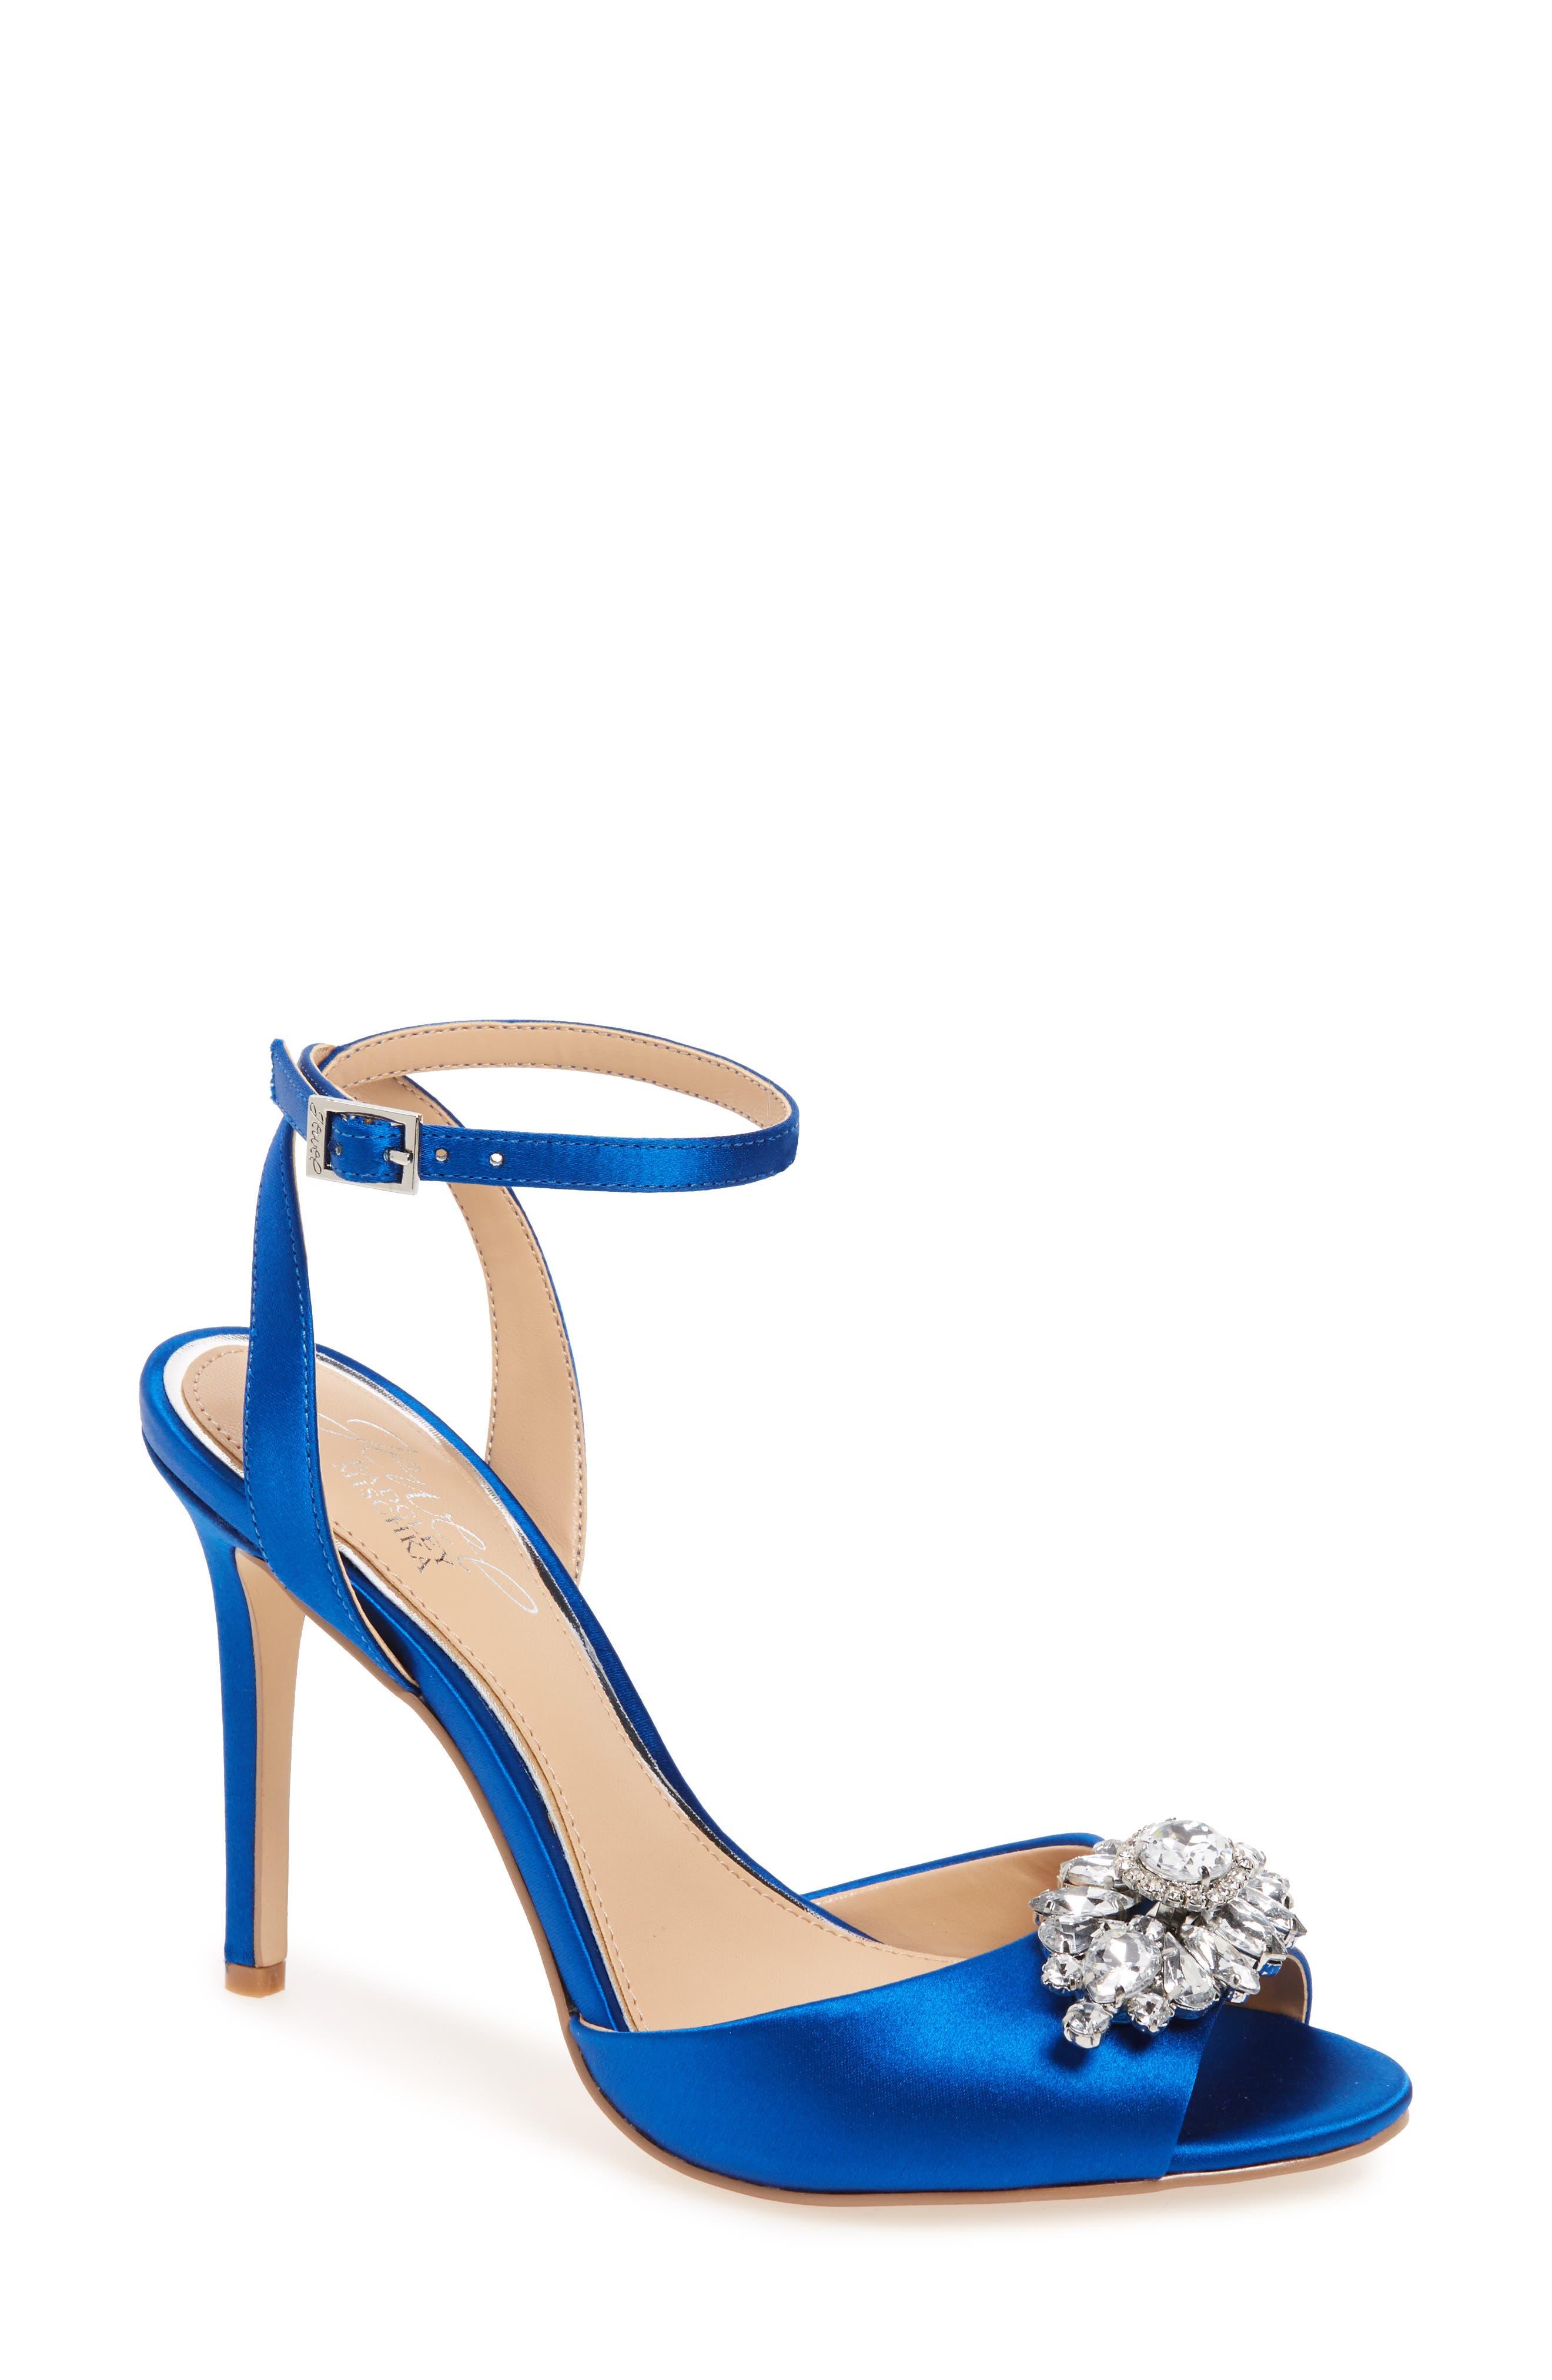 Hayden Embellished Ankle Strap Sandal,                         Main,                         color, Blue Satin